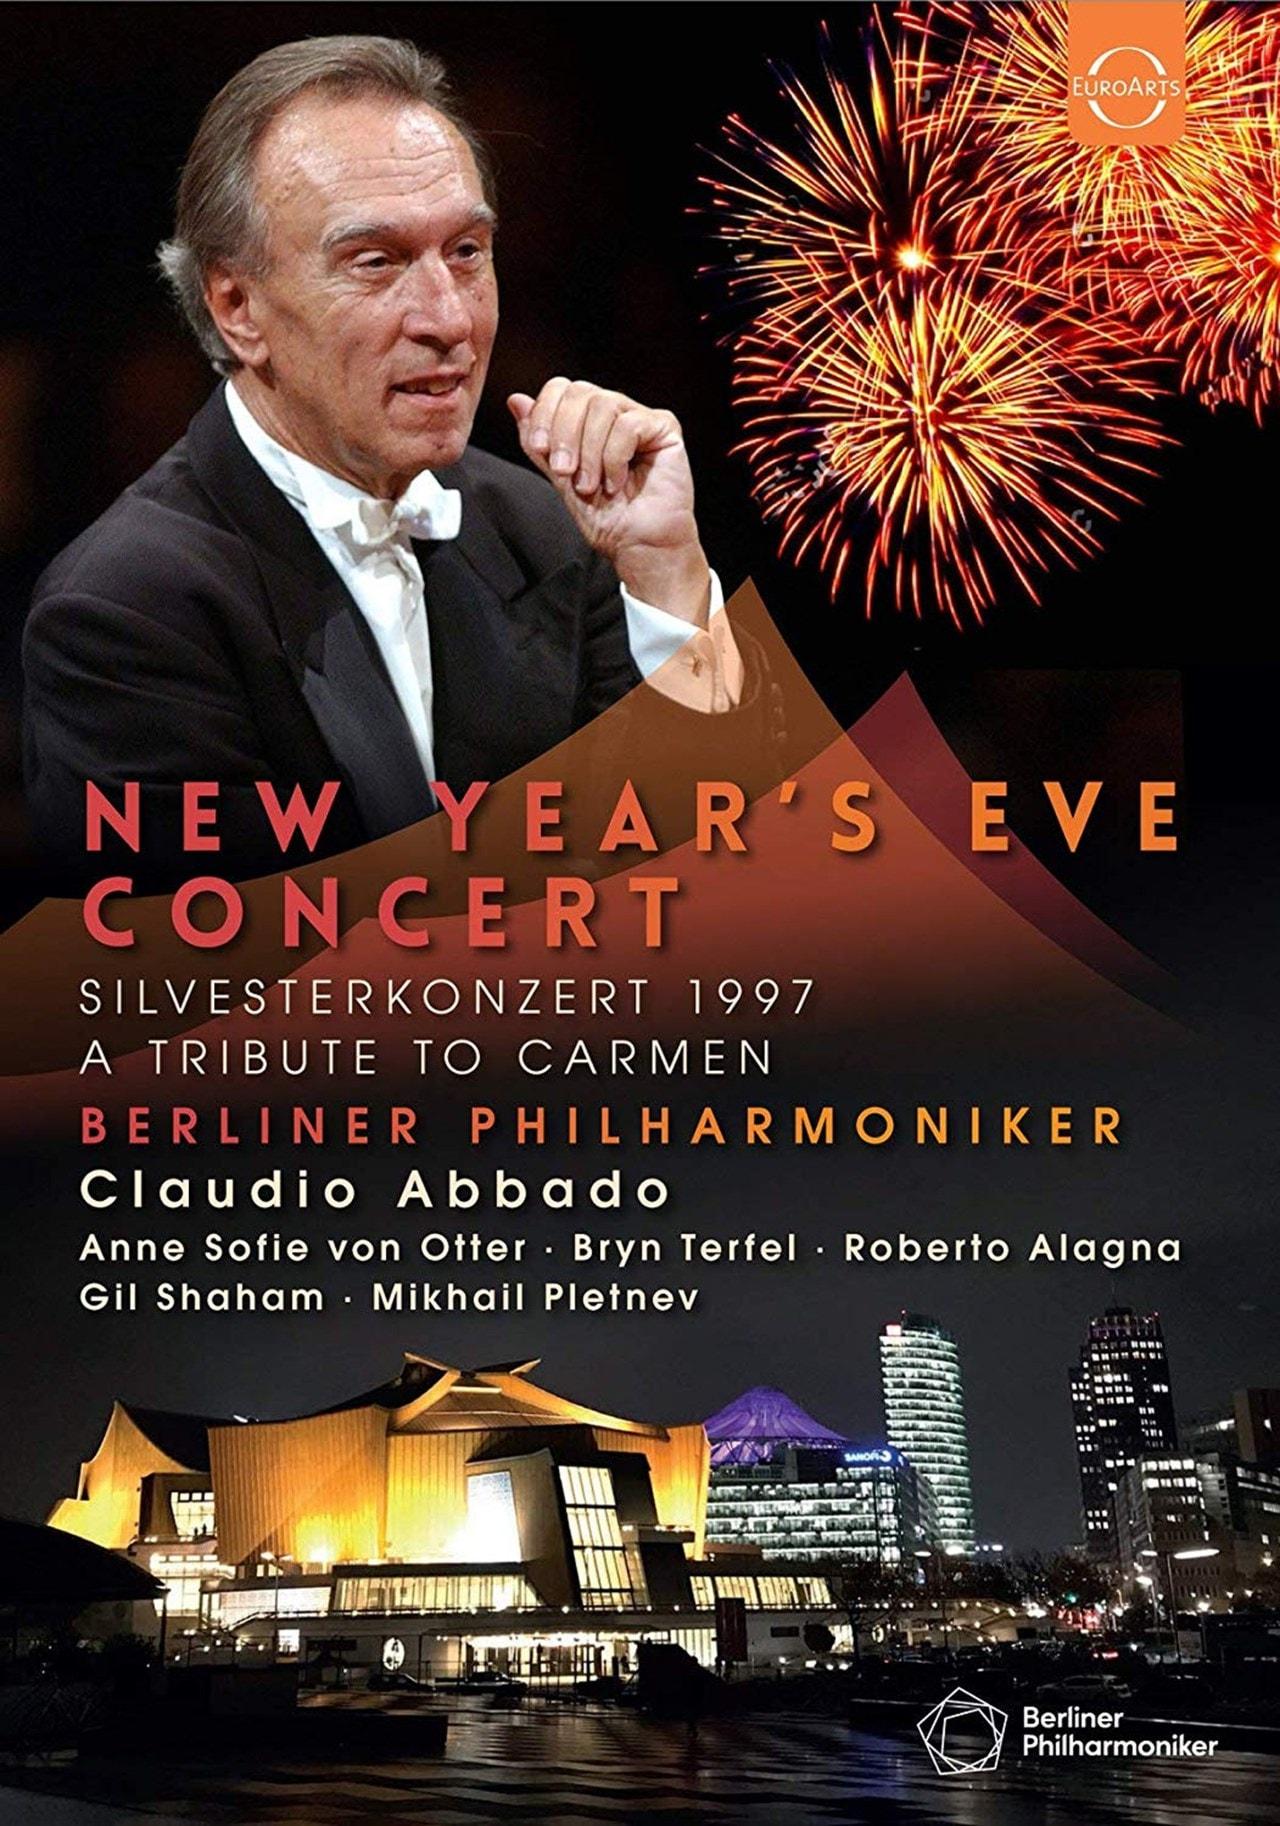 Berliner Philharmoniker: New Year's Eve Concert 1997 - 1